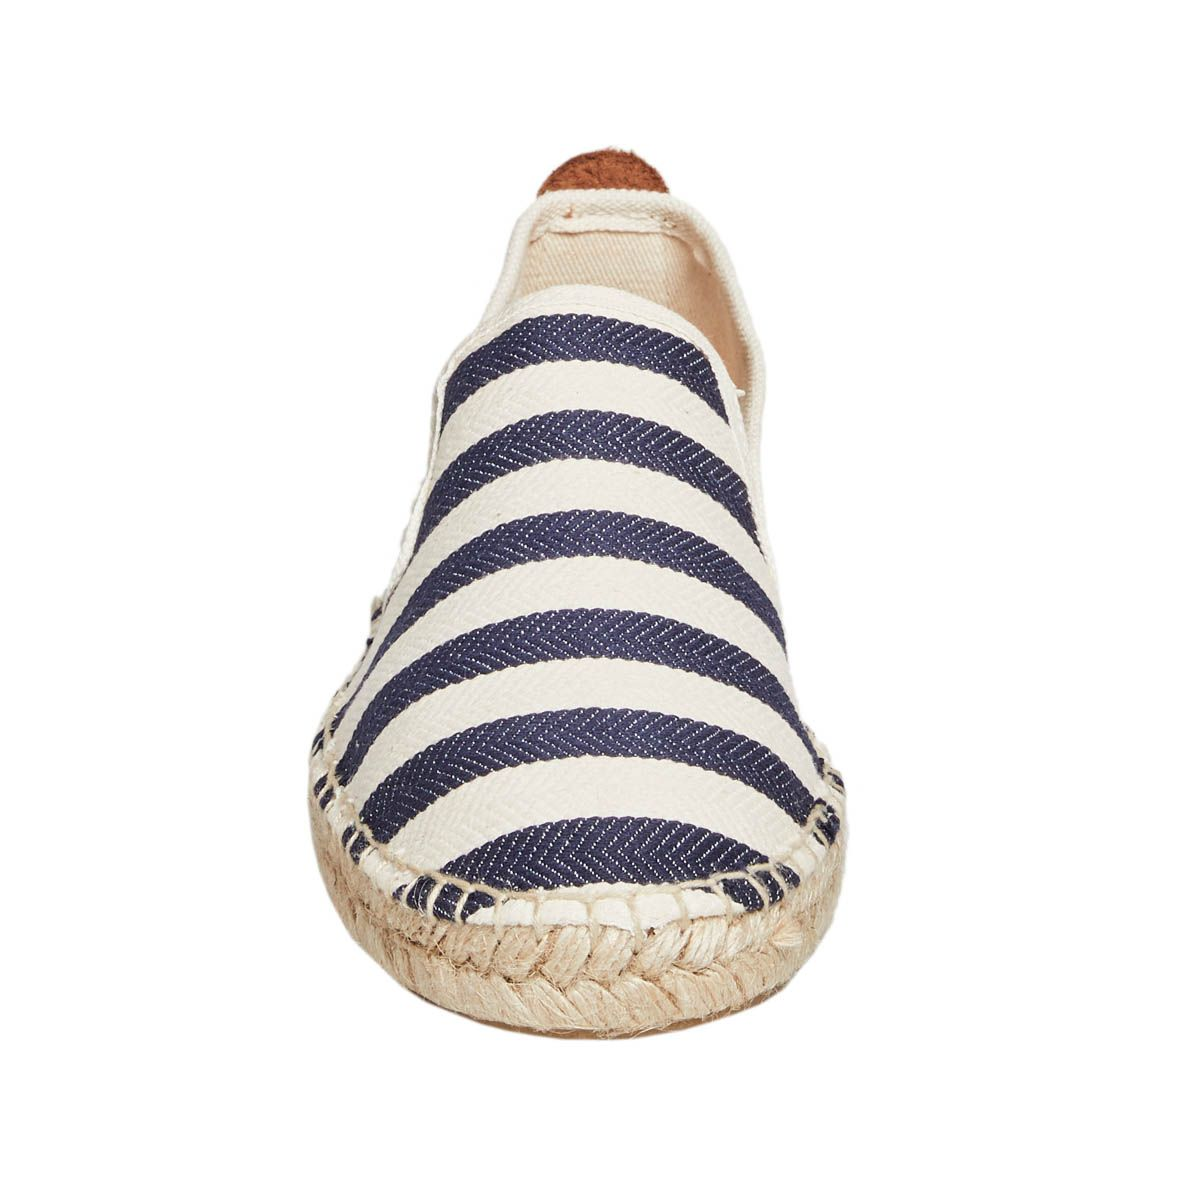 Leindia Artisanal Espadrille in Blue Stripe